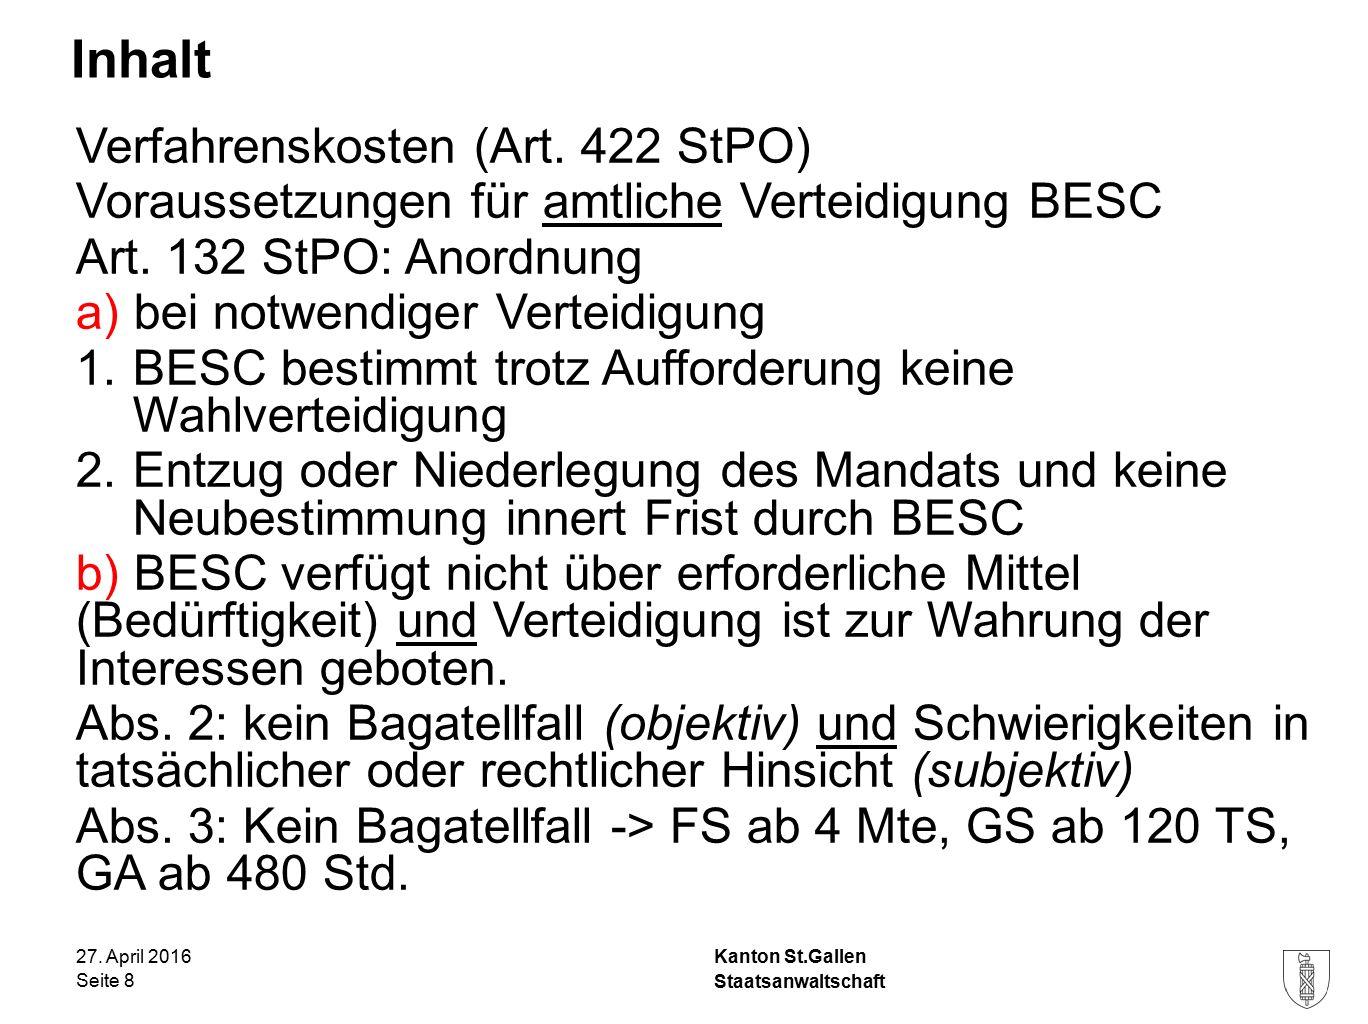 Kanton St.Gallen Inhalt 27. April 2016 Staatsanwaltschaft Seite 8 Verfahrenskosten (Art.